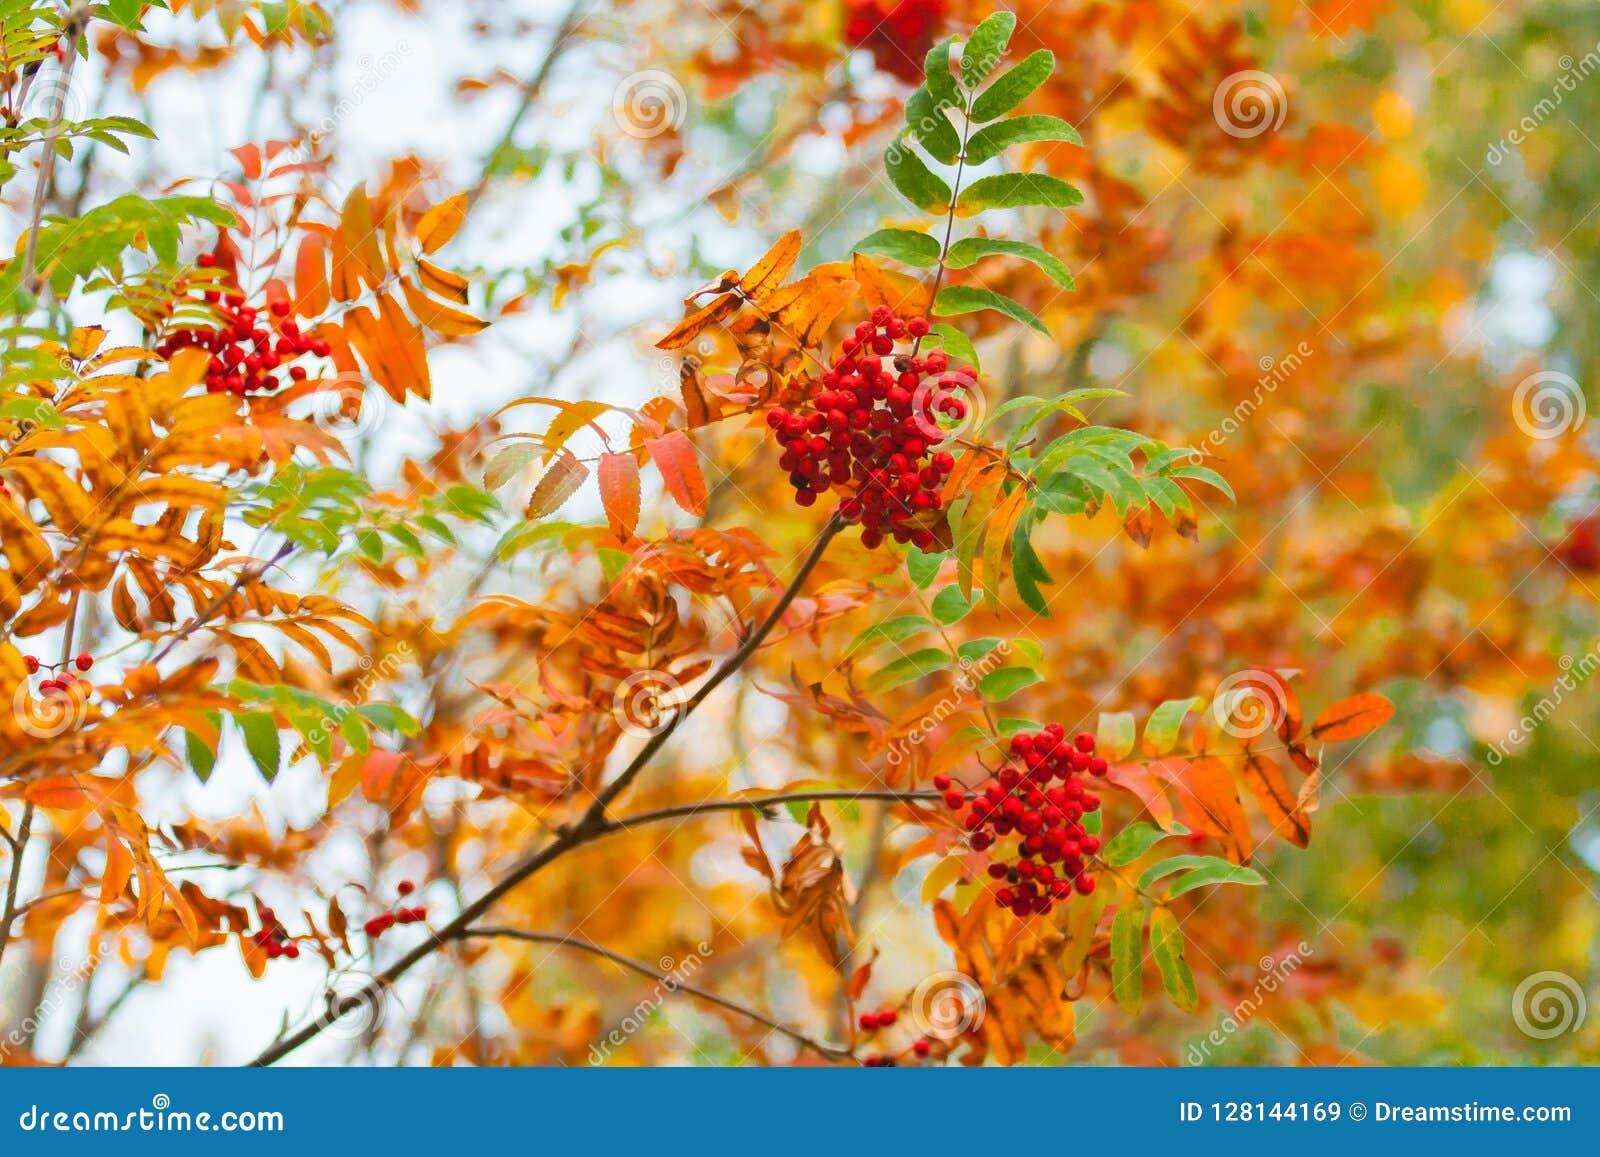 """As bagas vermelhas e Rowan alaranjado saem †""""de uma ideia ampliada bonita de um ramo de árvore no outono com efeito do bokeh"""